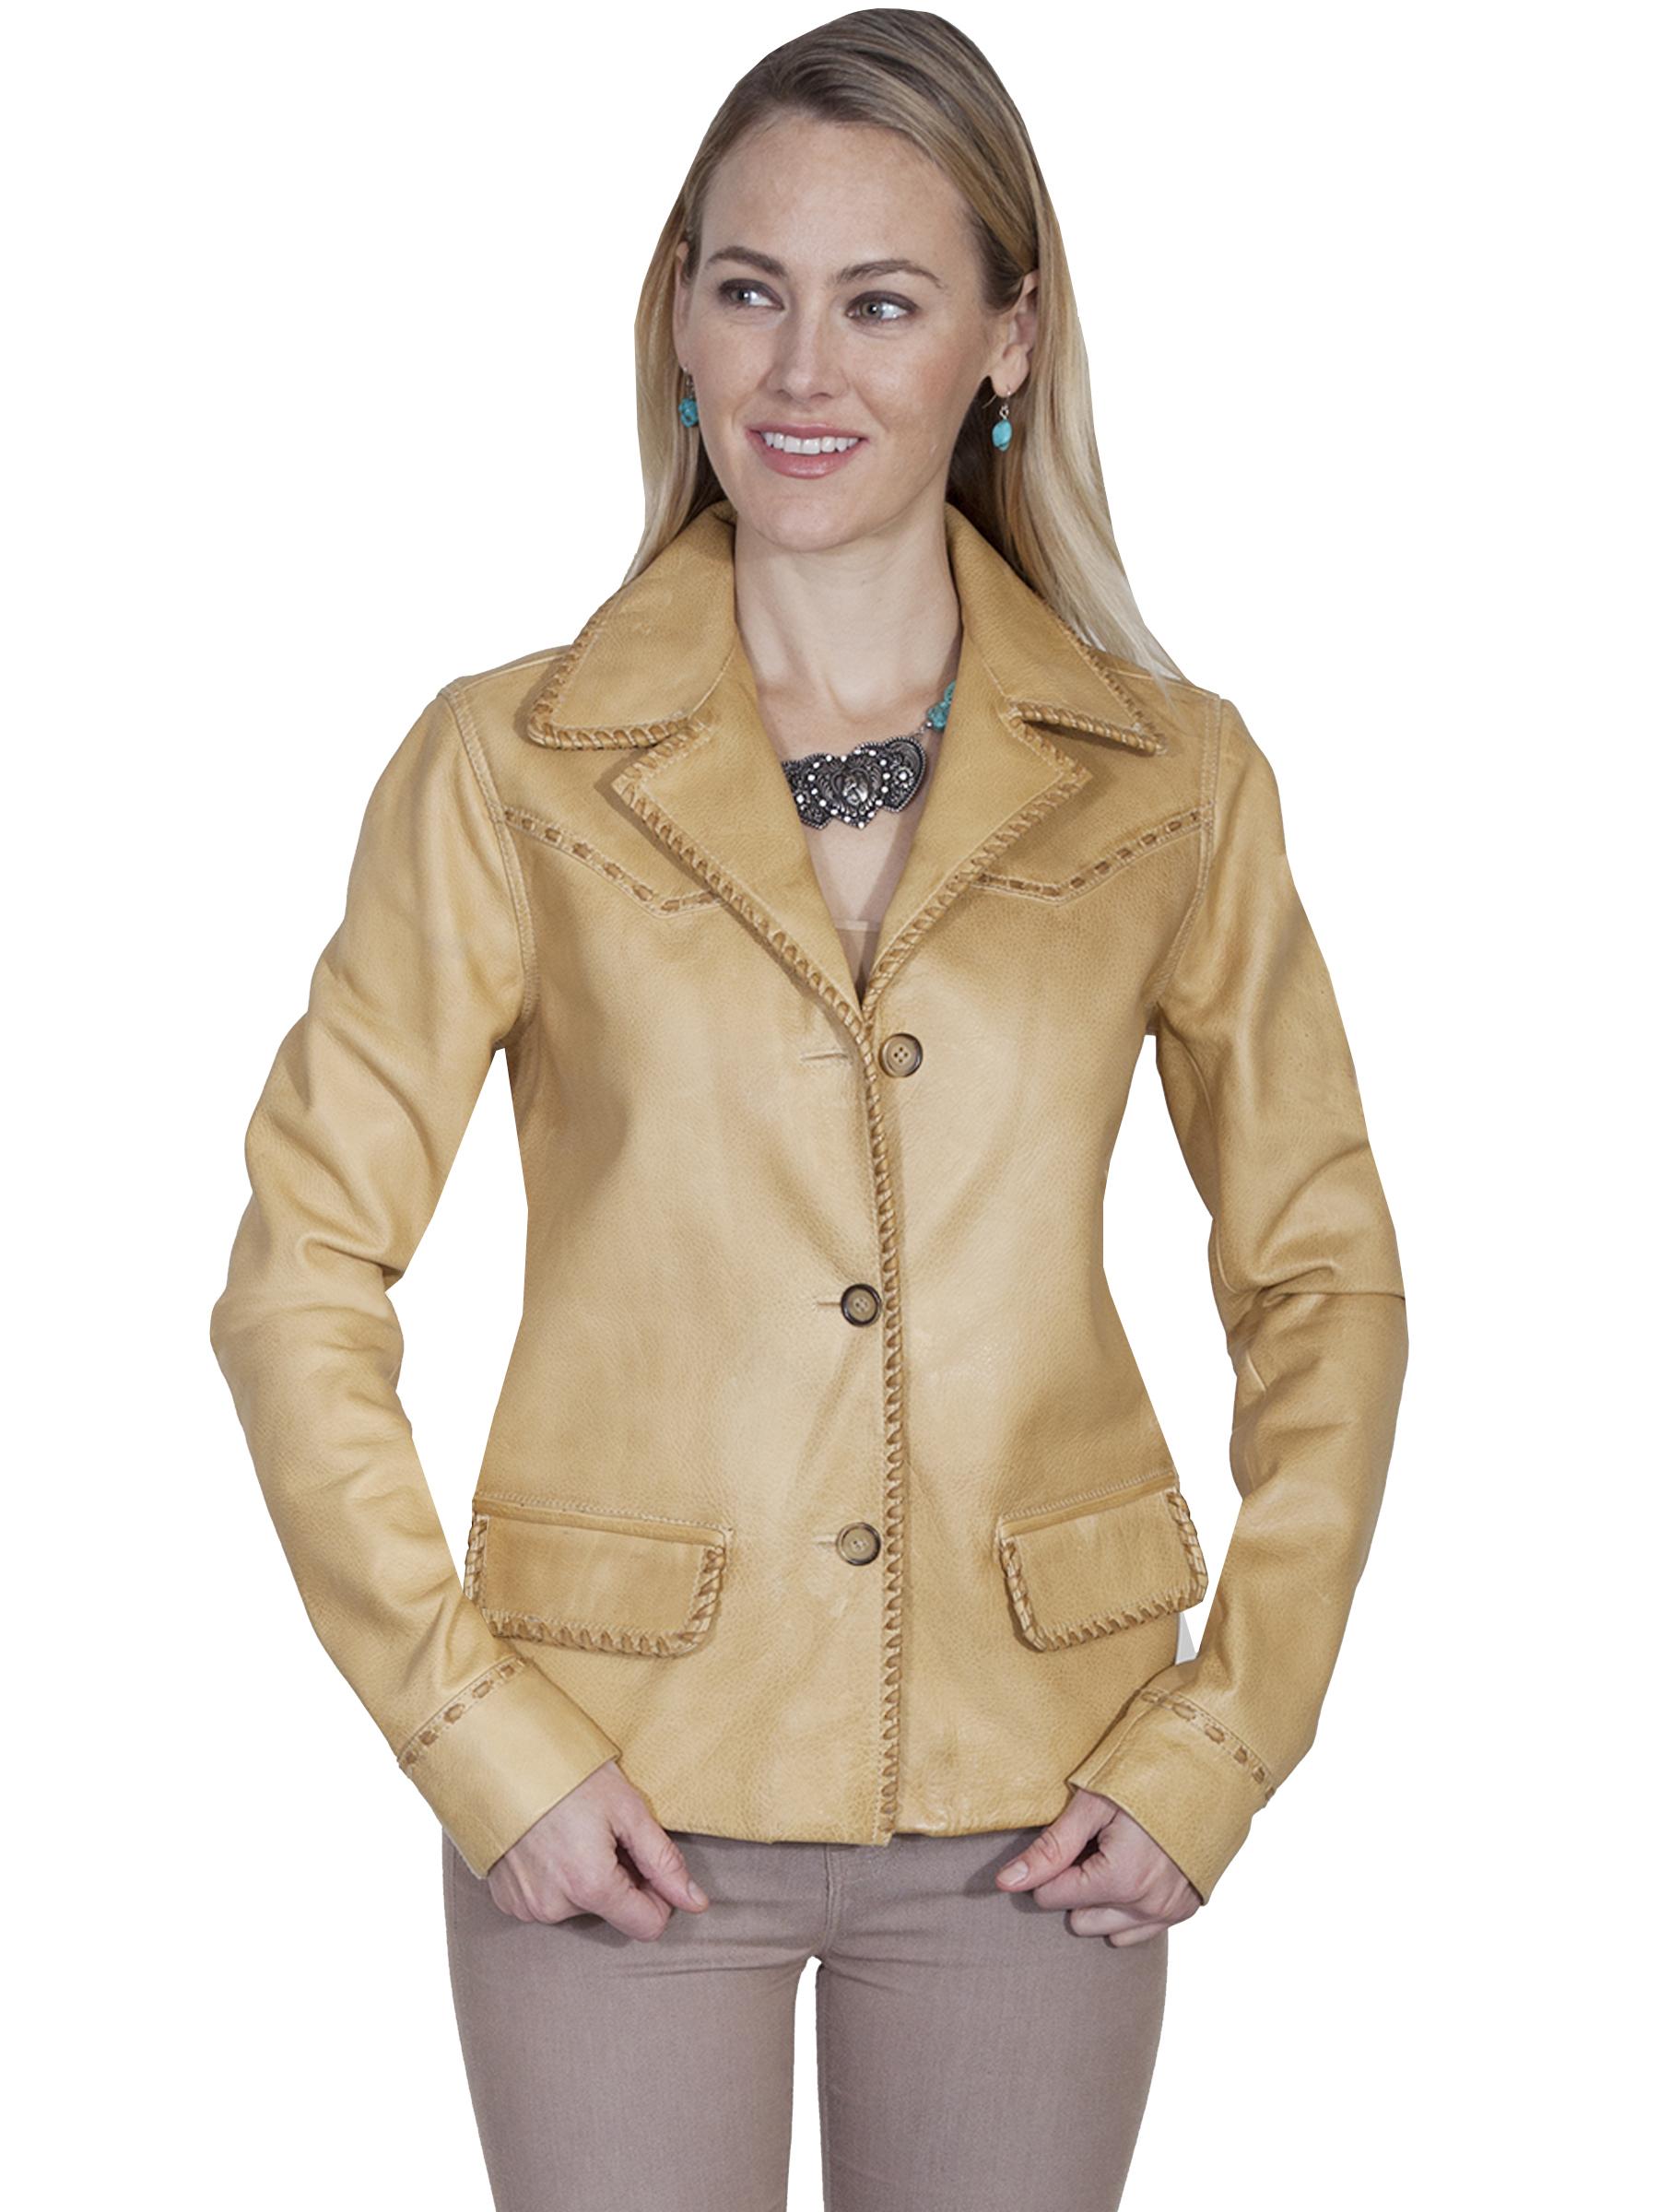 Western blazer with whip stitch trim